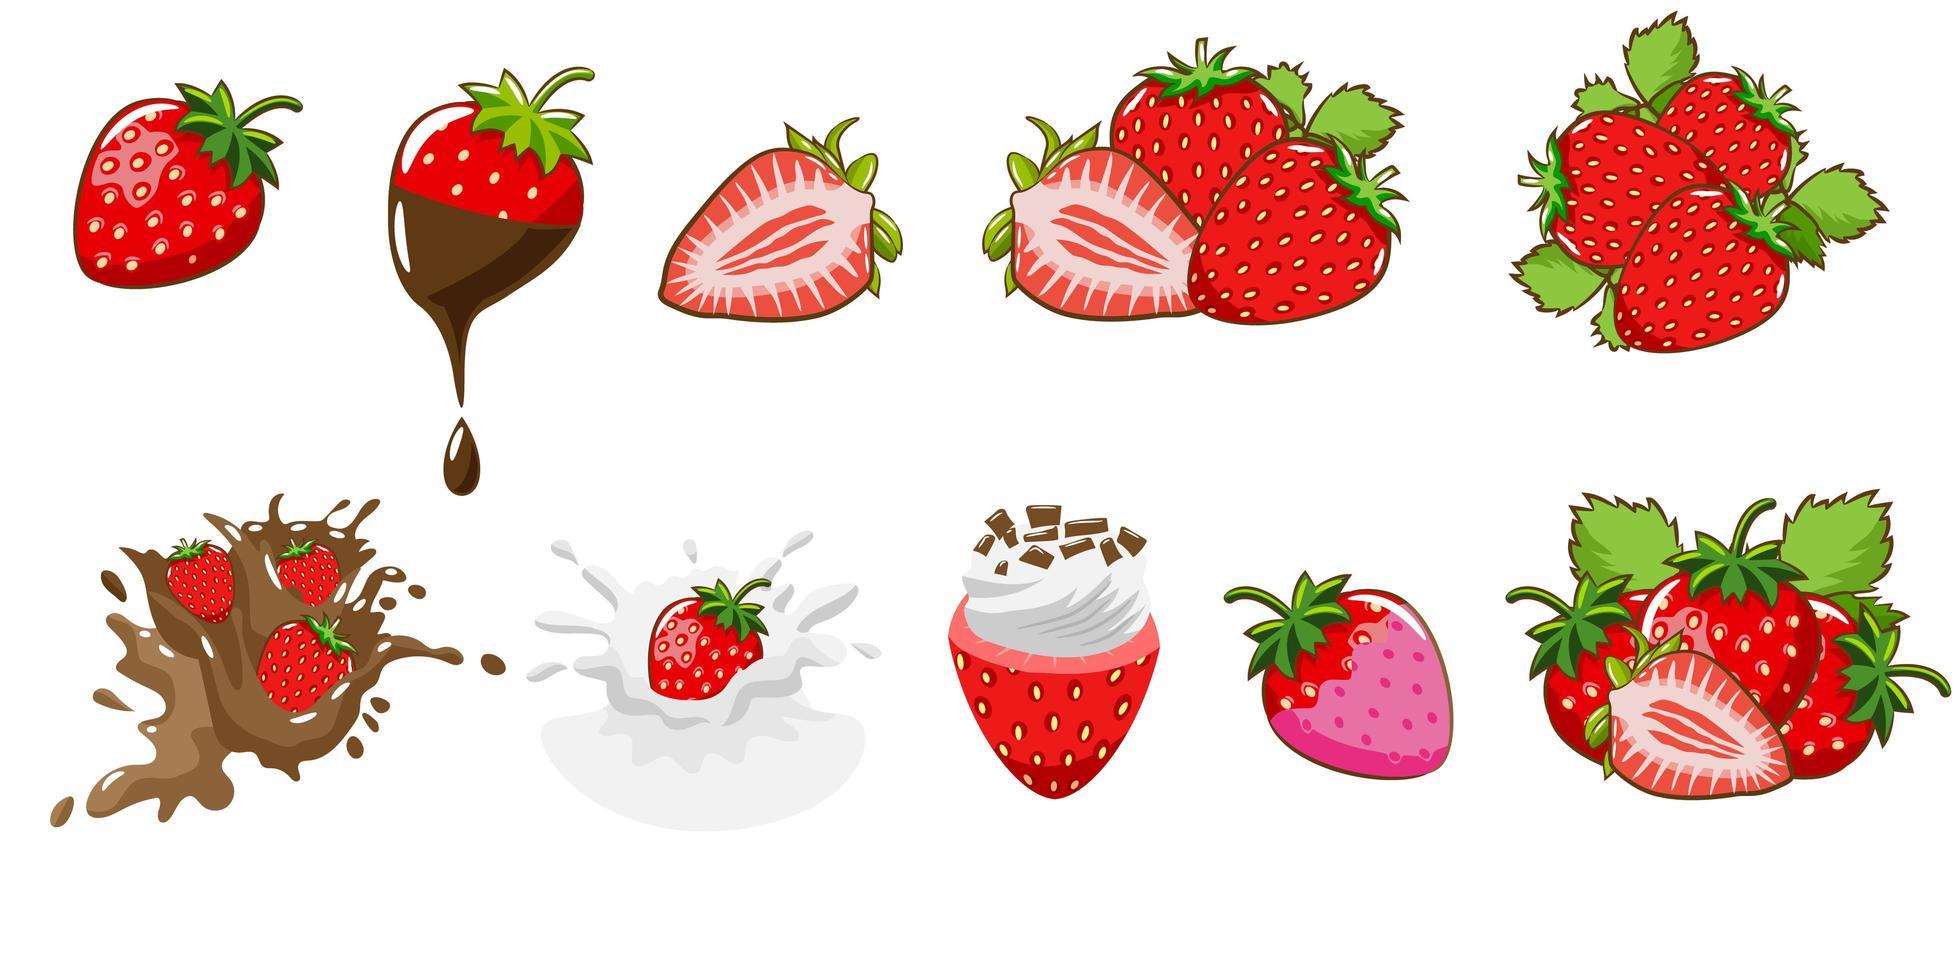 conjunto de fresa de dibujos animados vector